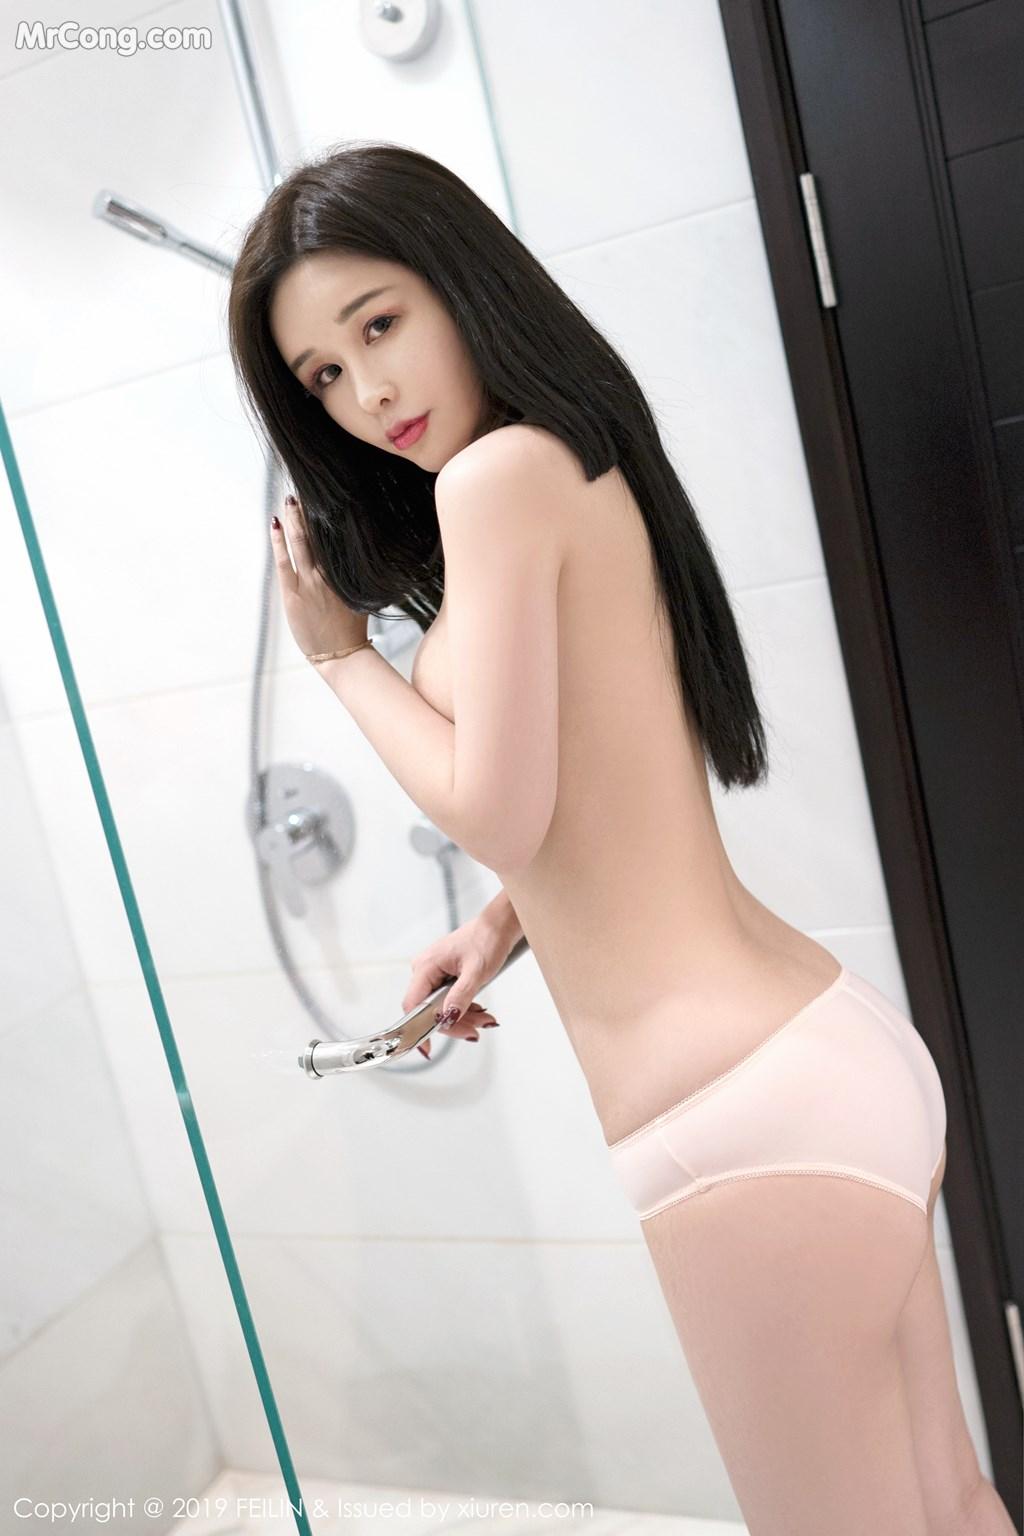 Image FEILIN-Vol.184-Zhang-Yu-Meng-MrCong.com-004 in post FEILIN Vol.184: Zhang Yu Meng (张雨萌) (41 ảnh)